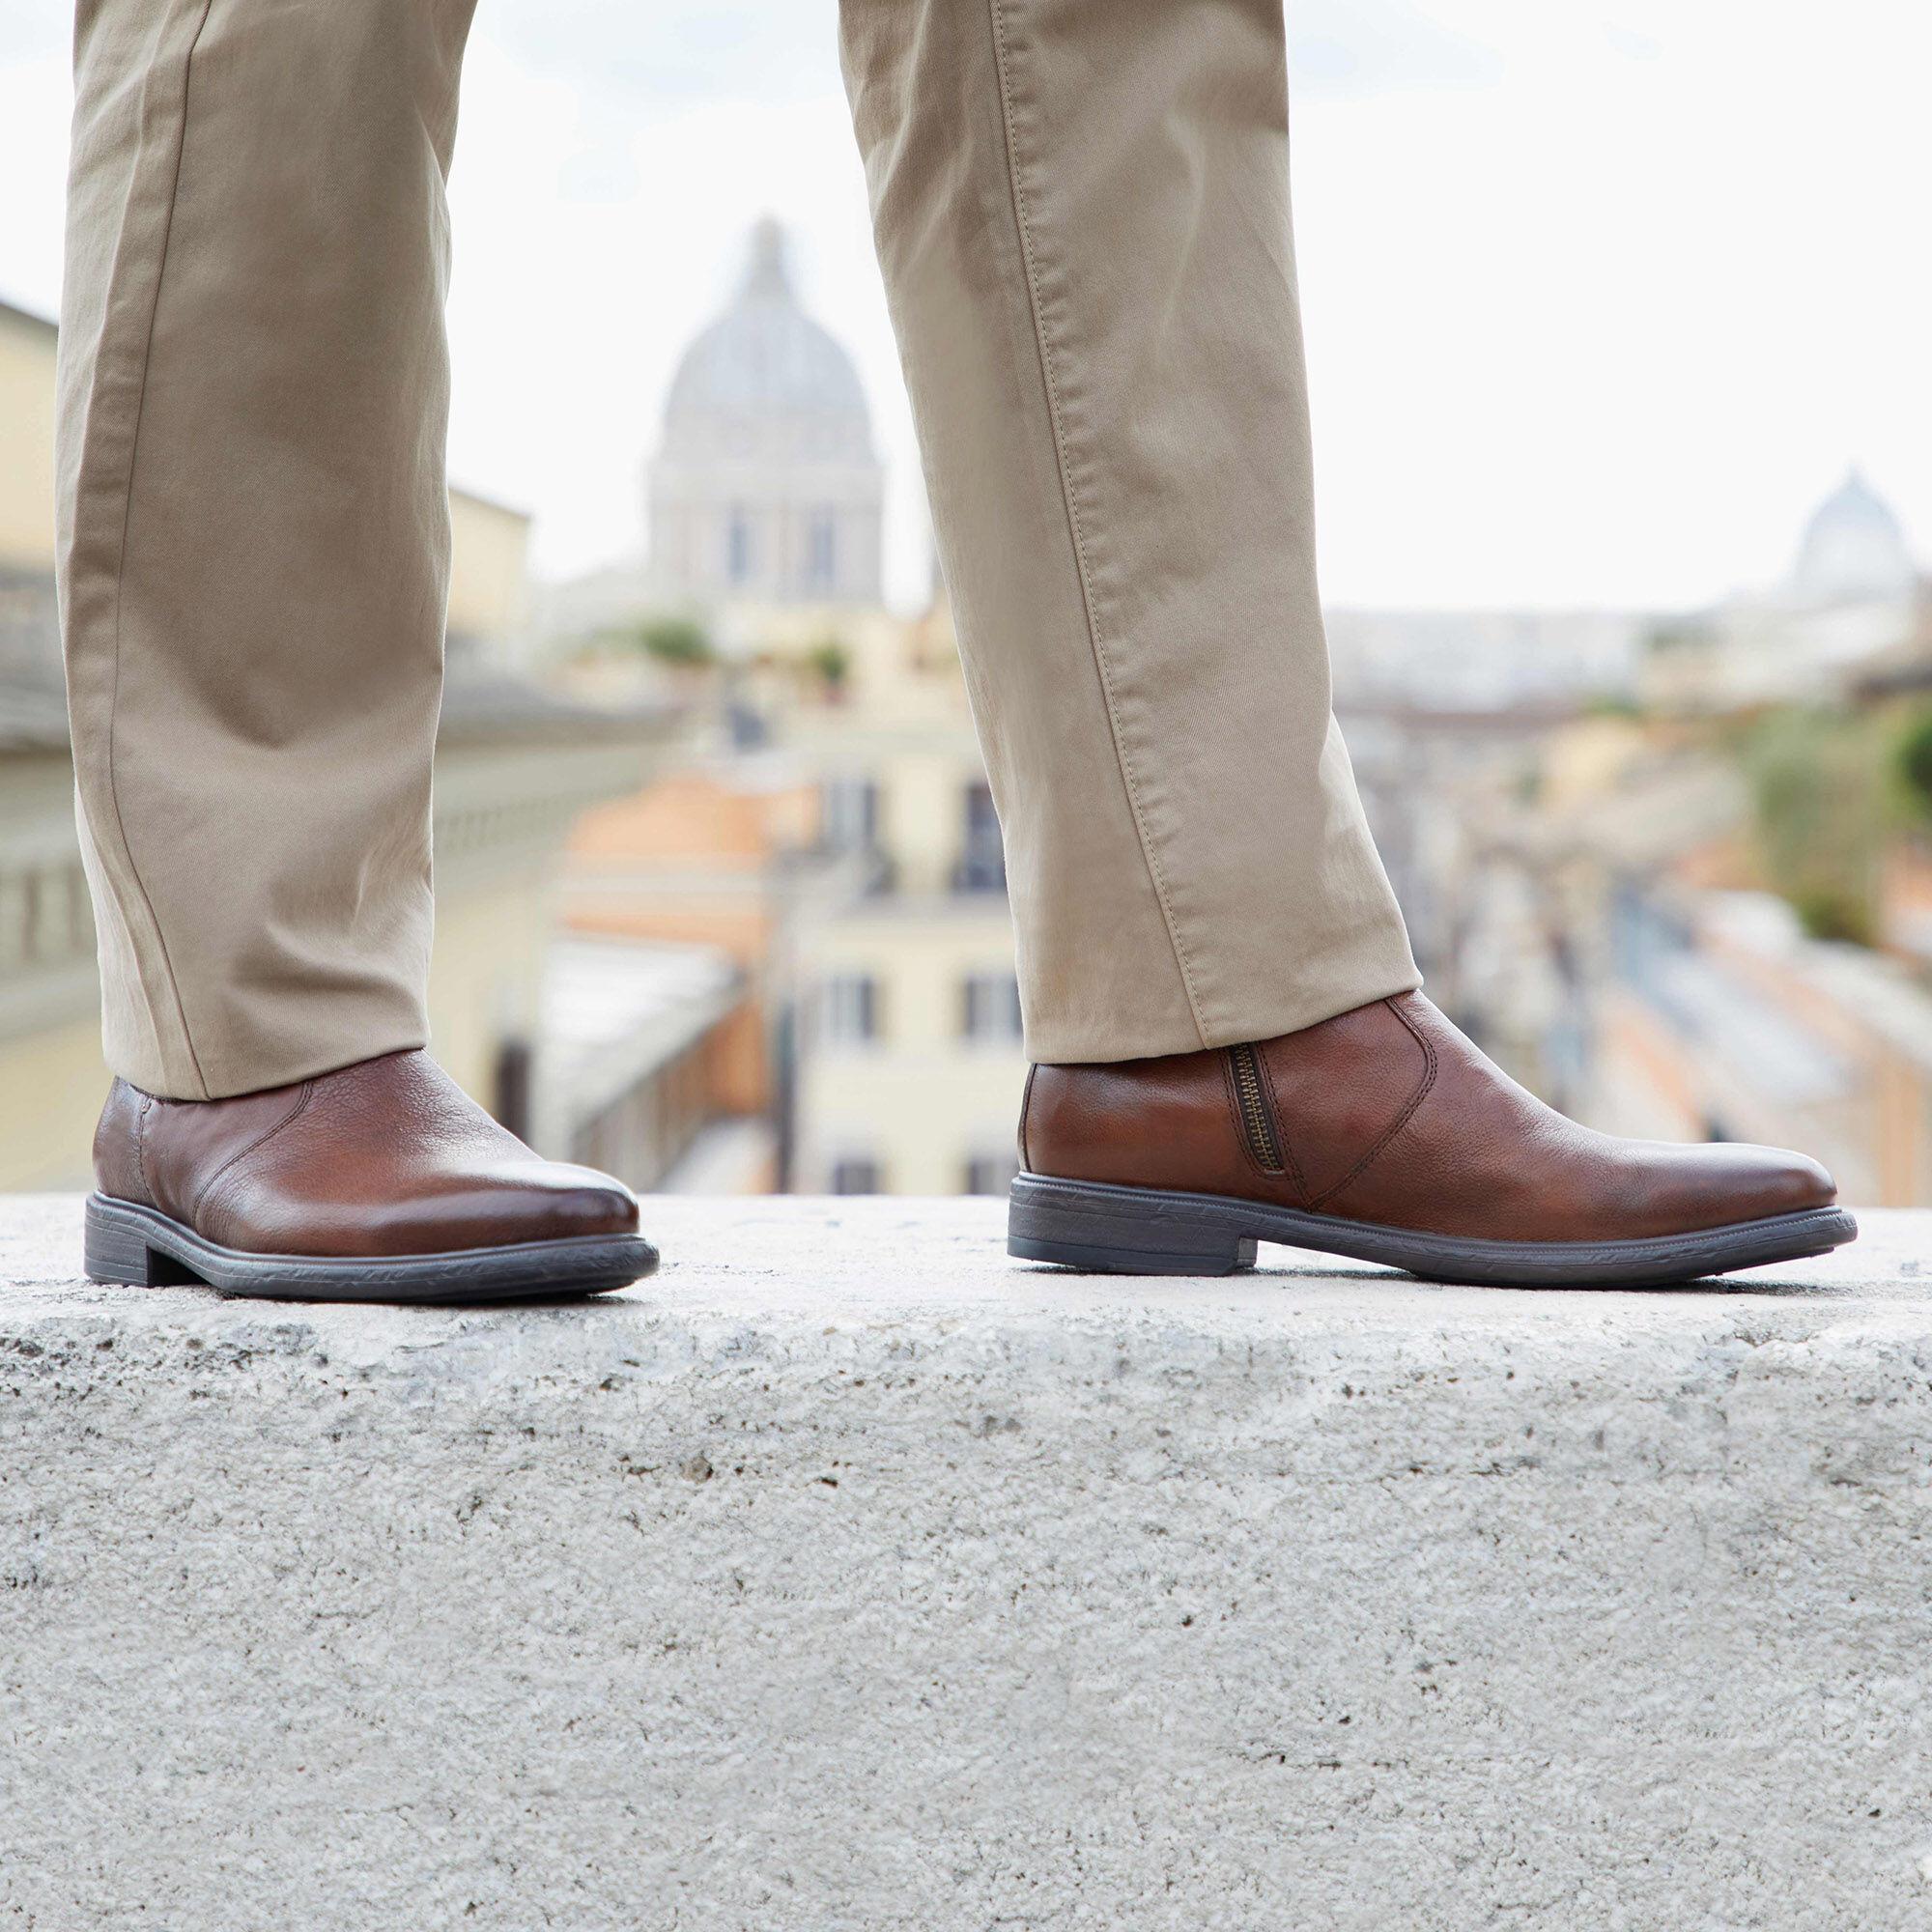 GEOX RESPIRA Genuine Leather Italian Shoes Breathing Sneakers Vintage Look